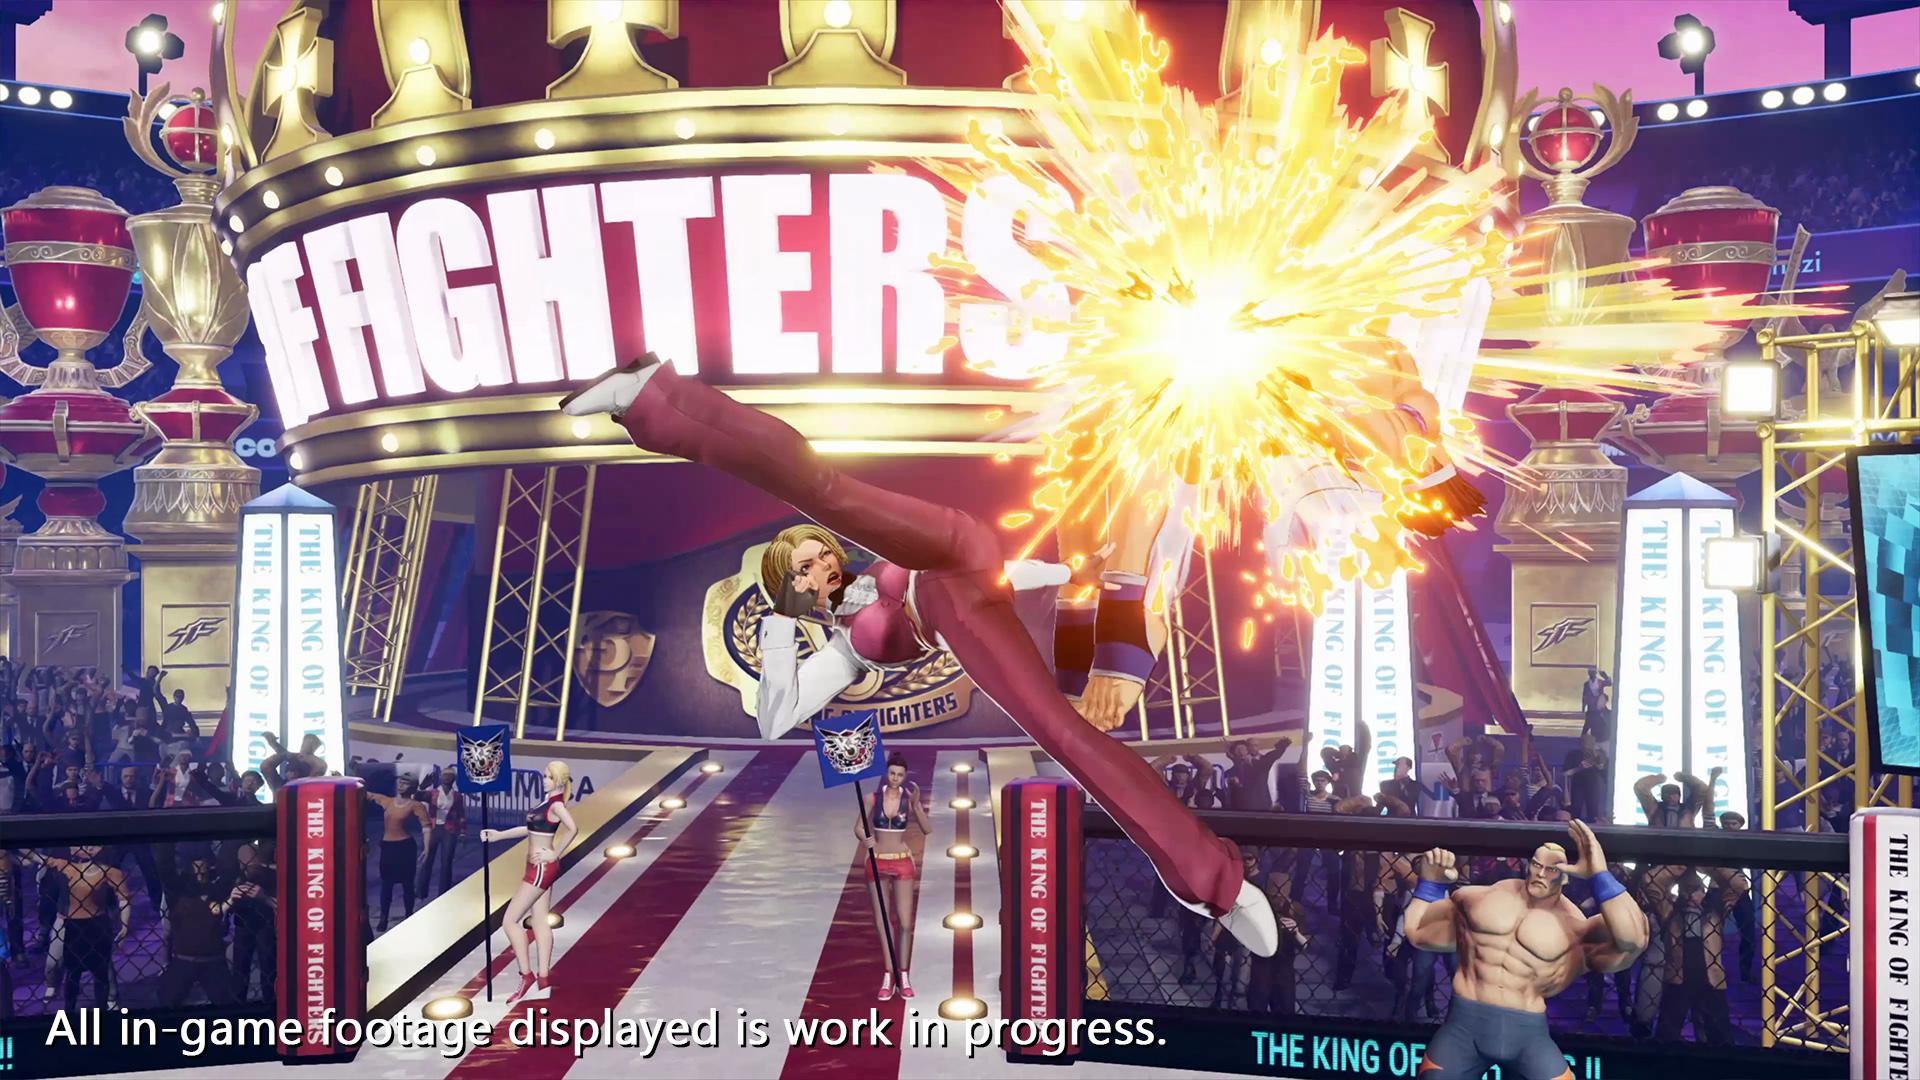 《拳皇15》角色新预告:酒吧服务生、泰拳使用者King亮相